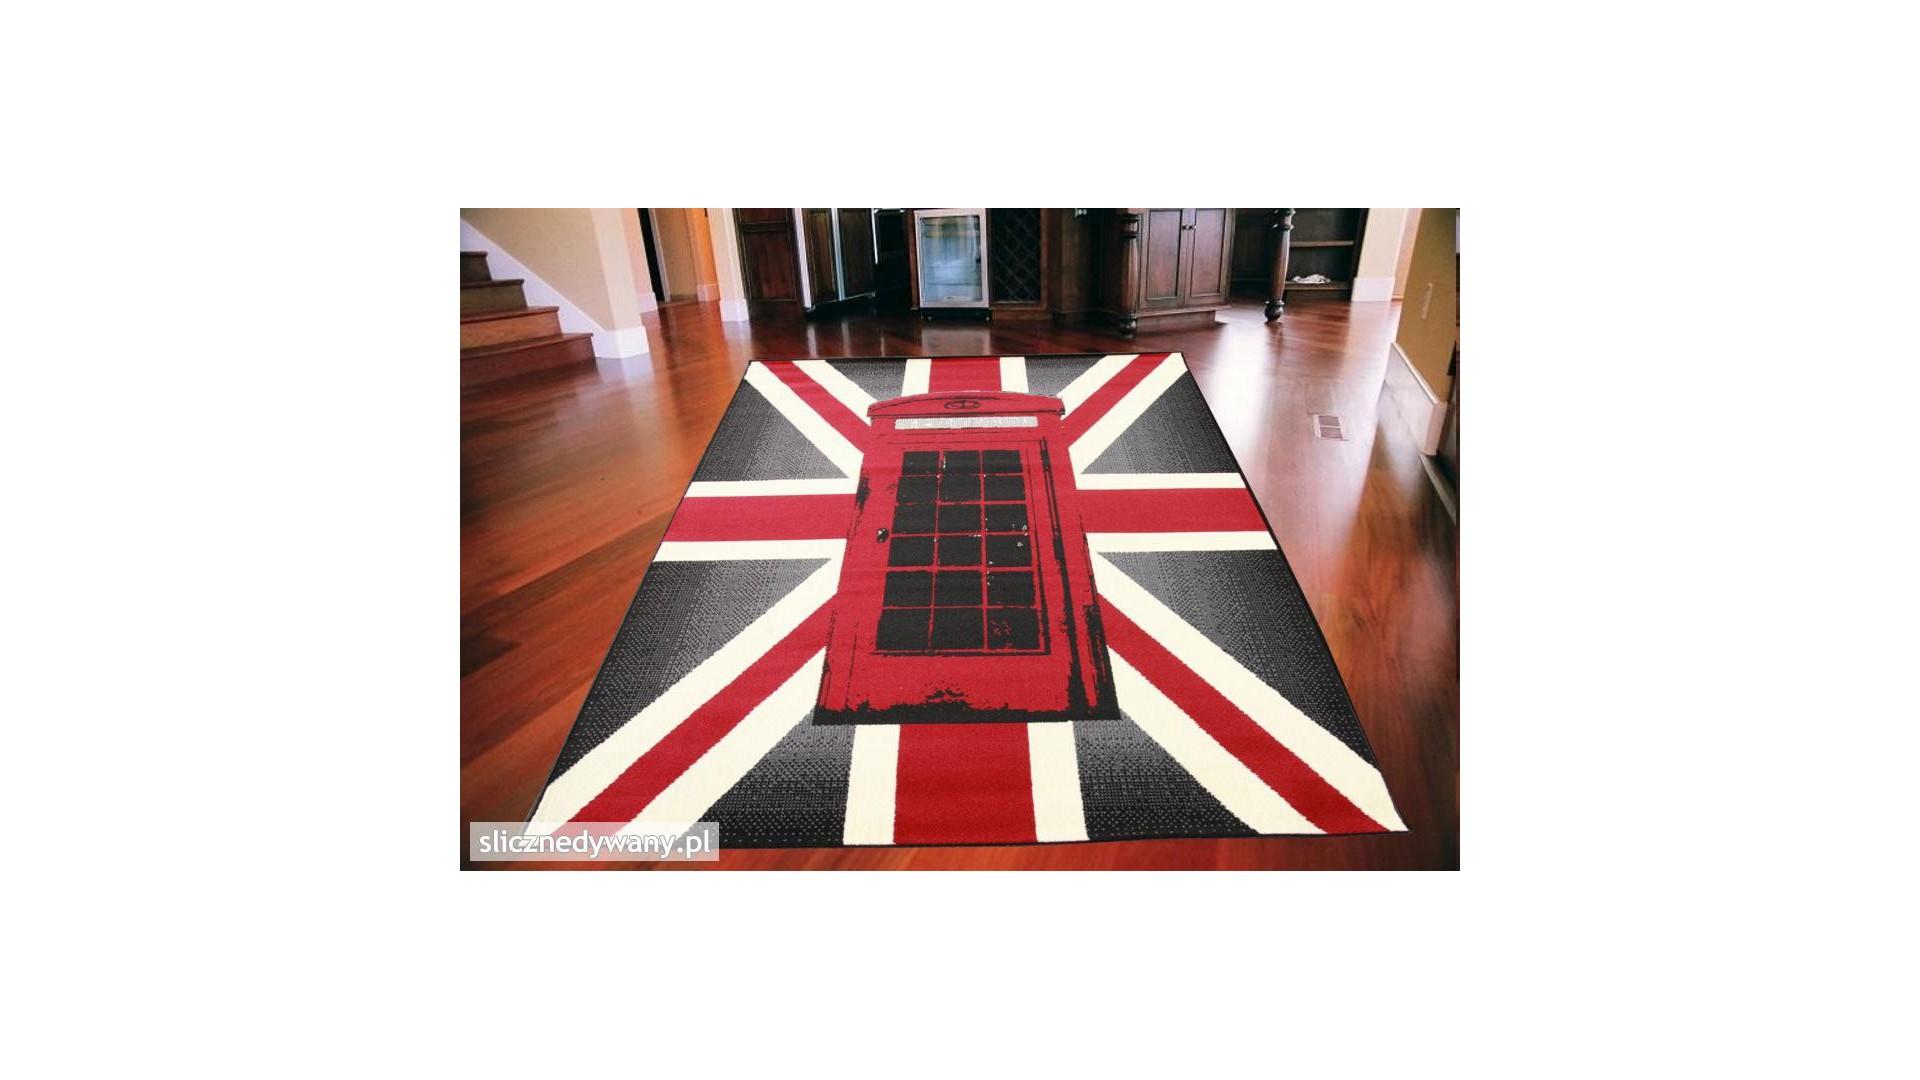 Przepiękny dywan nowoczesny.